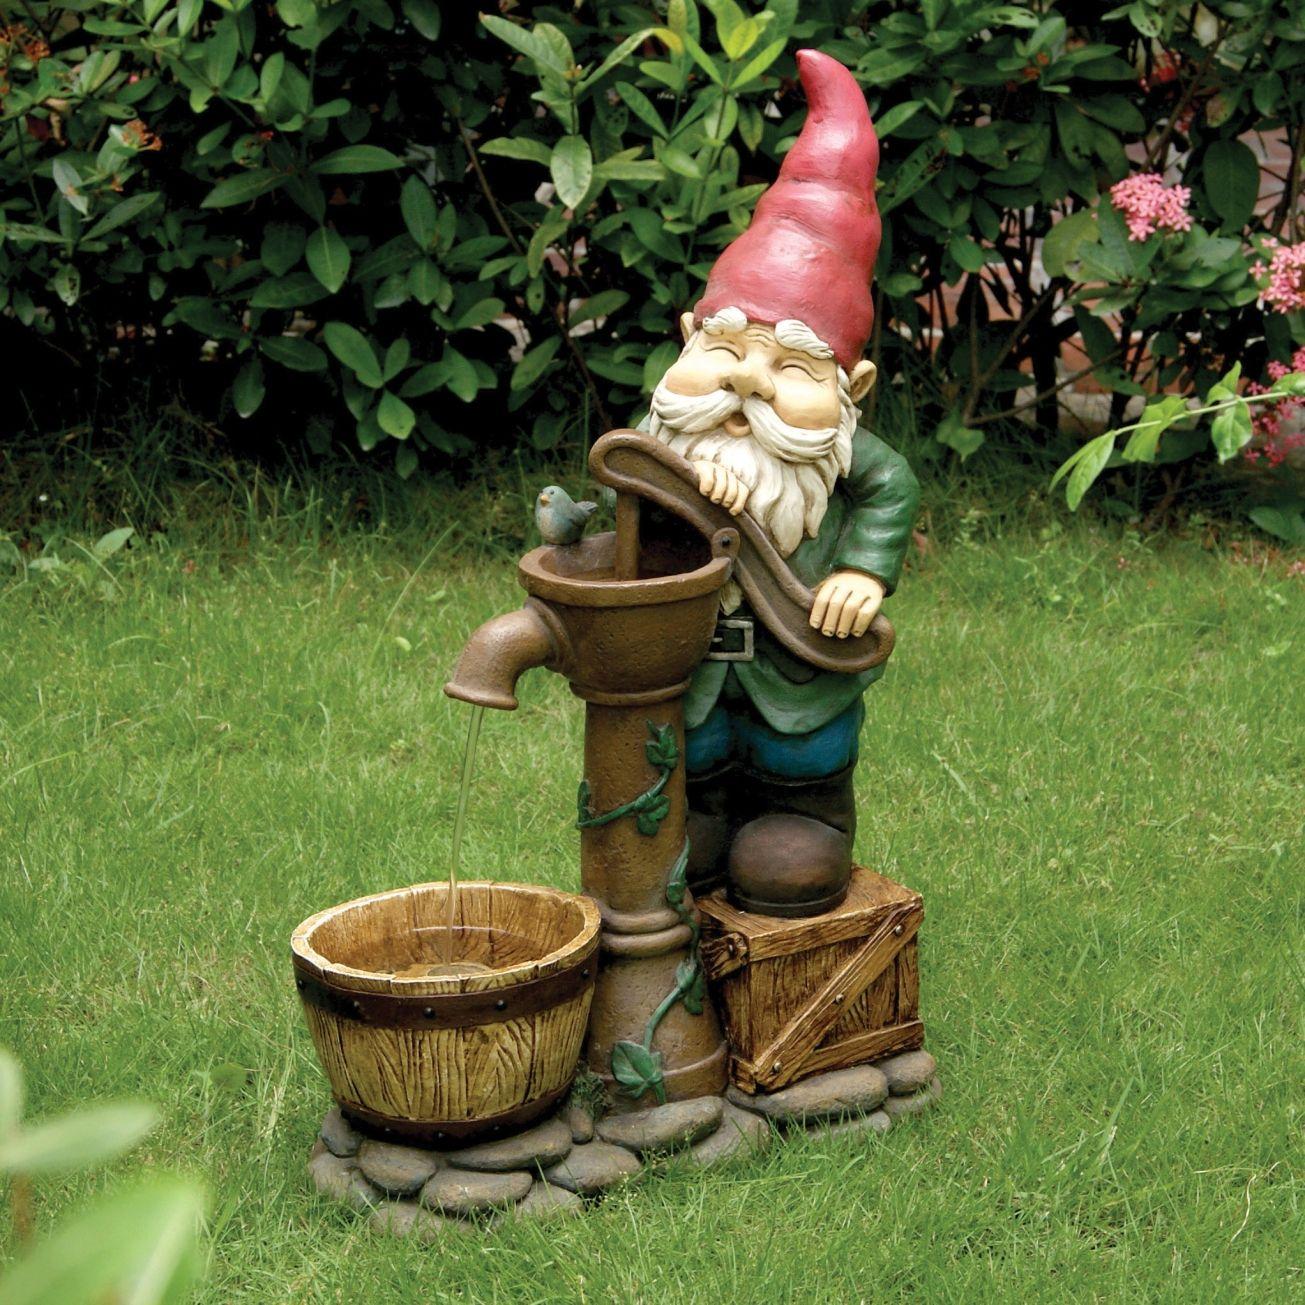 Fountain gnome nomos pinterest gnomos jardines y for Enano jardin